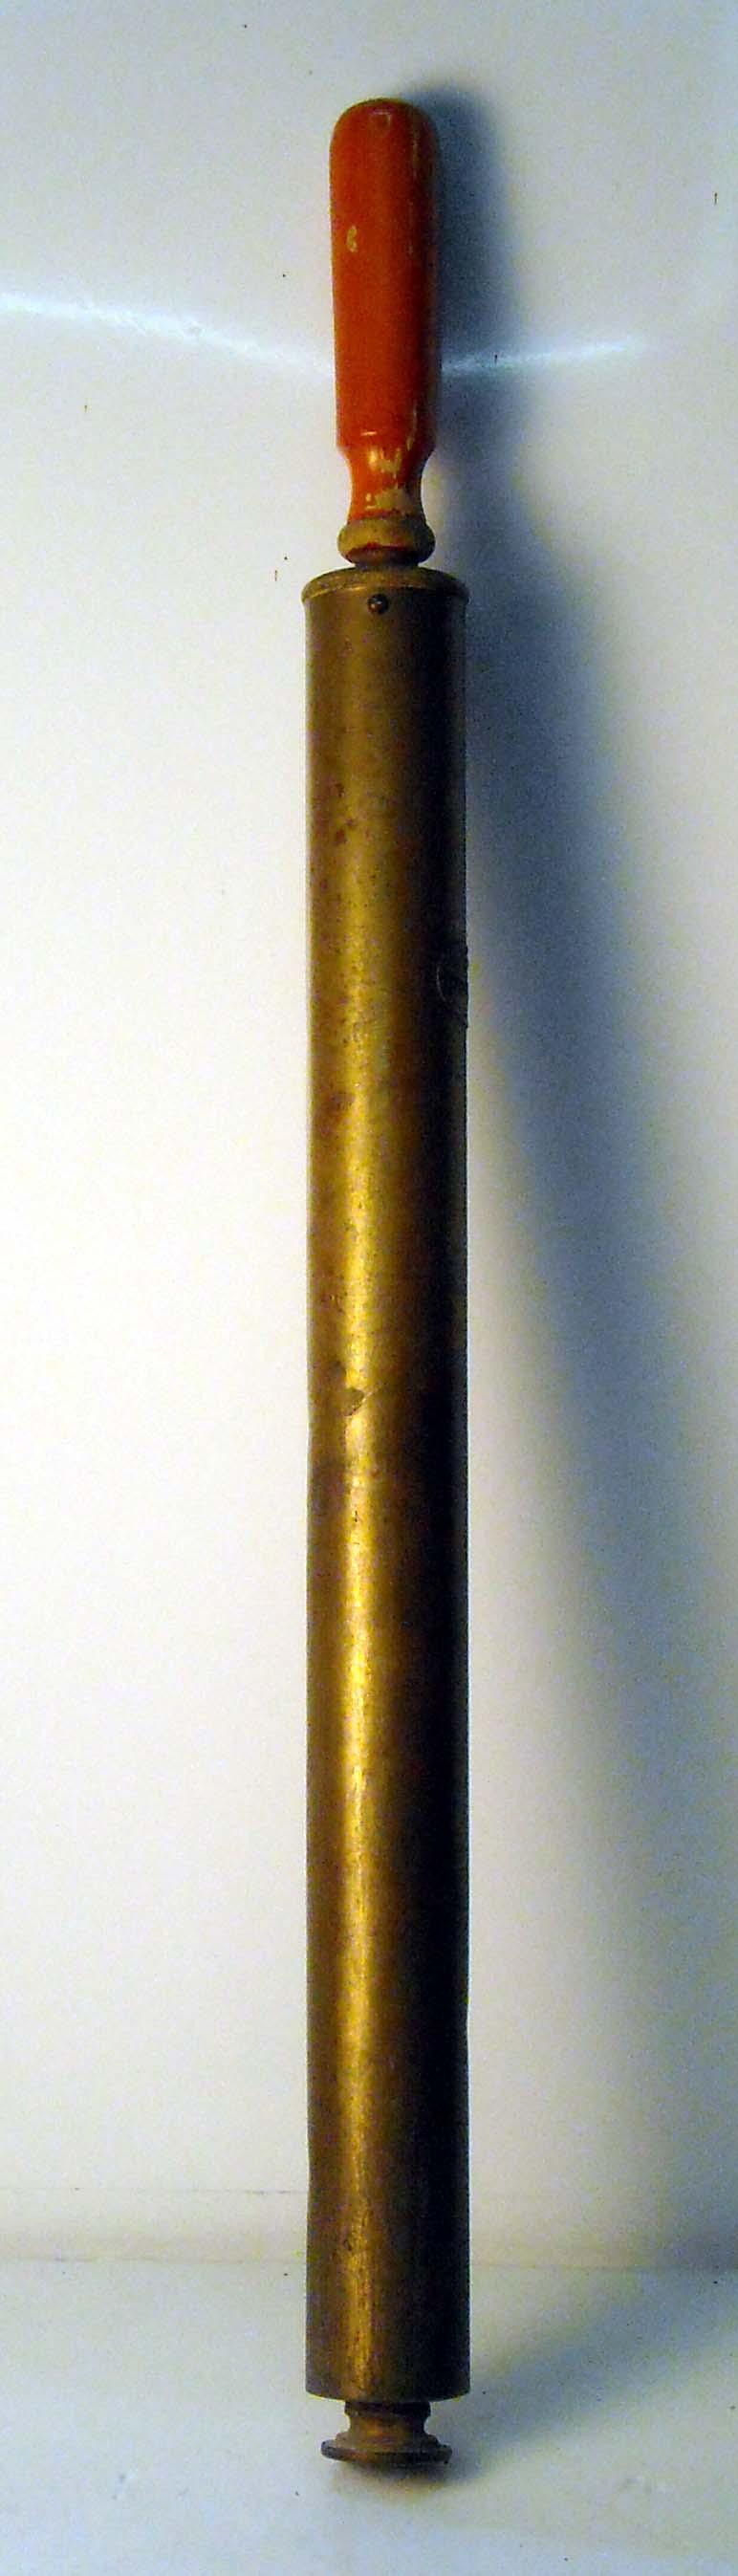 pfiche239